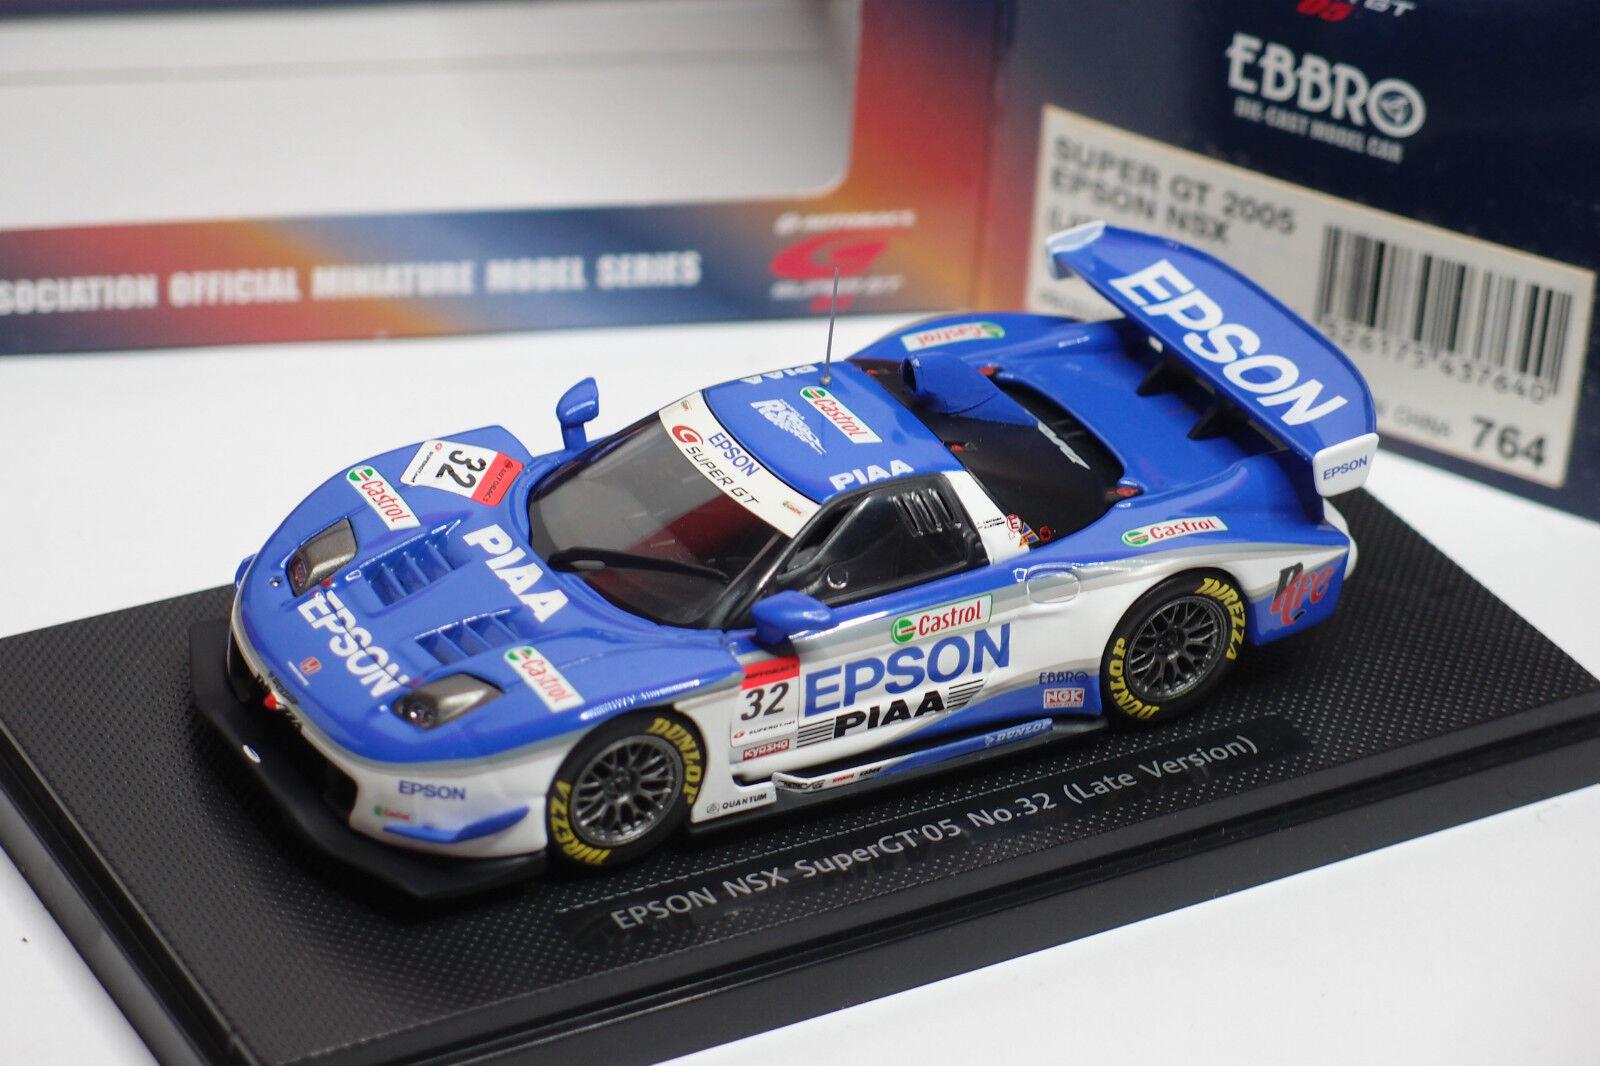 EBBRO SUPER GT 2005    EPSON NSX LATE VERSION  32 REF 764 1 43 7f5996